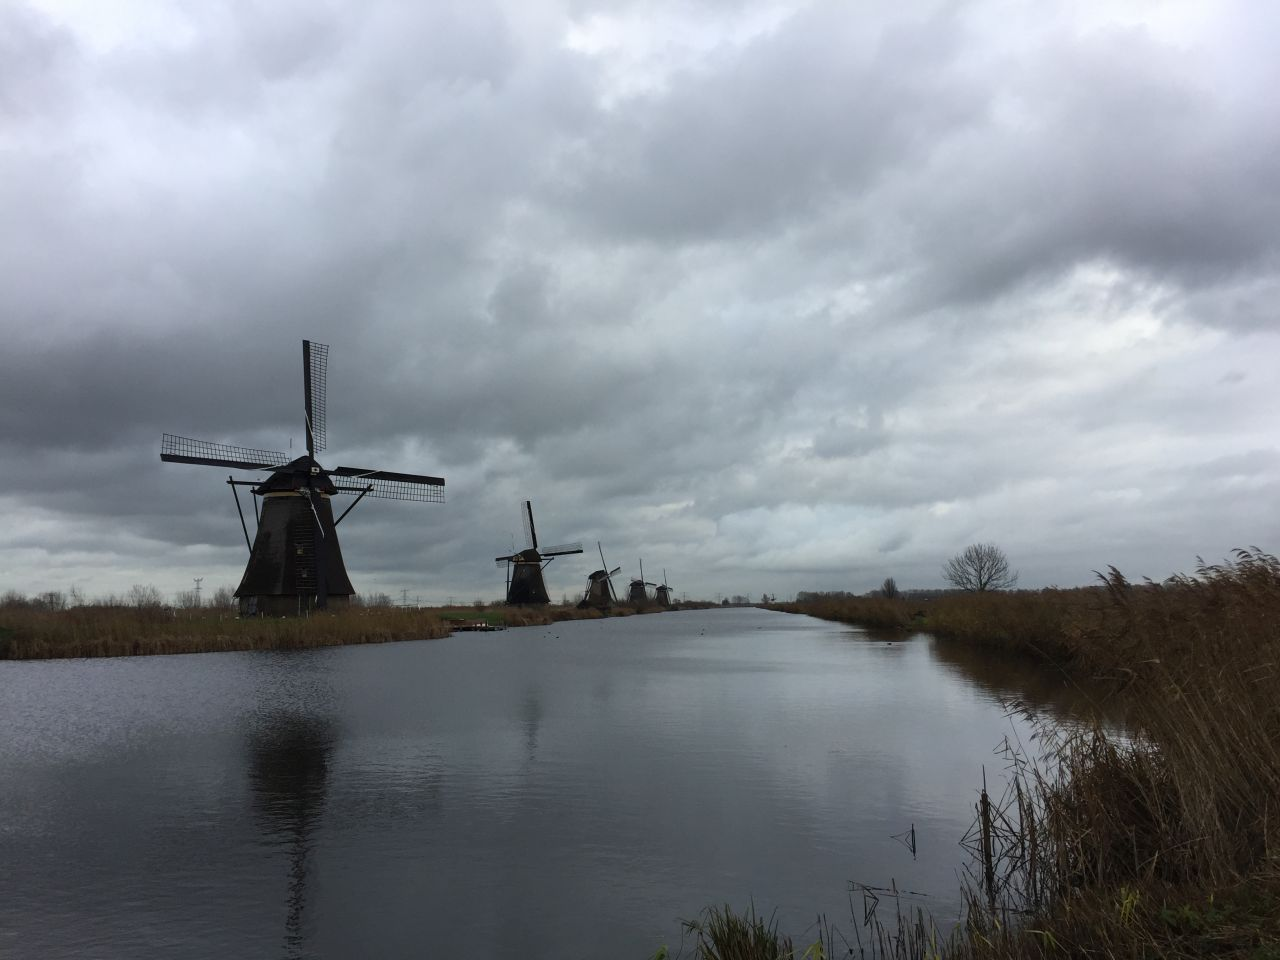 Dunkle Wolken ueber der Muehlenlandschaft am Kinderdijk in den Niederlanden